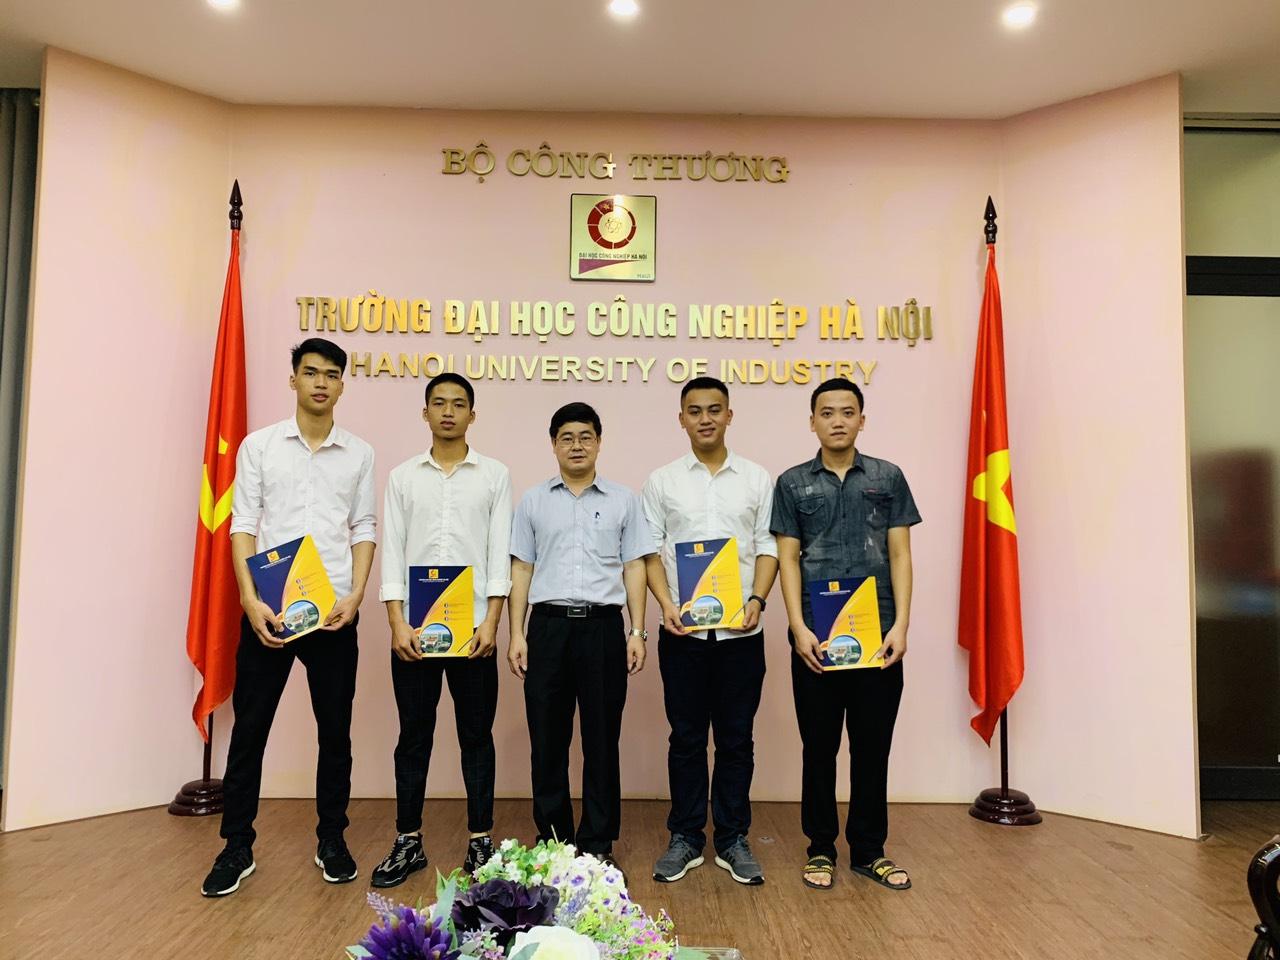 04 Tân kỹ sư khoa Cơ khí - Trường Đại học Công Nghiệp Hà Nội nhận quyết định đi sỹ quan dự bị năm 2020